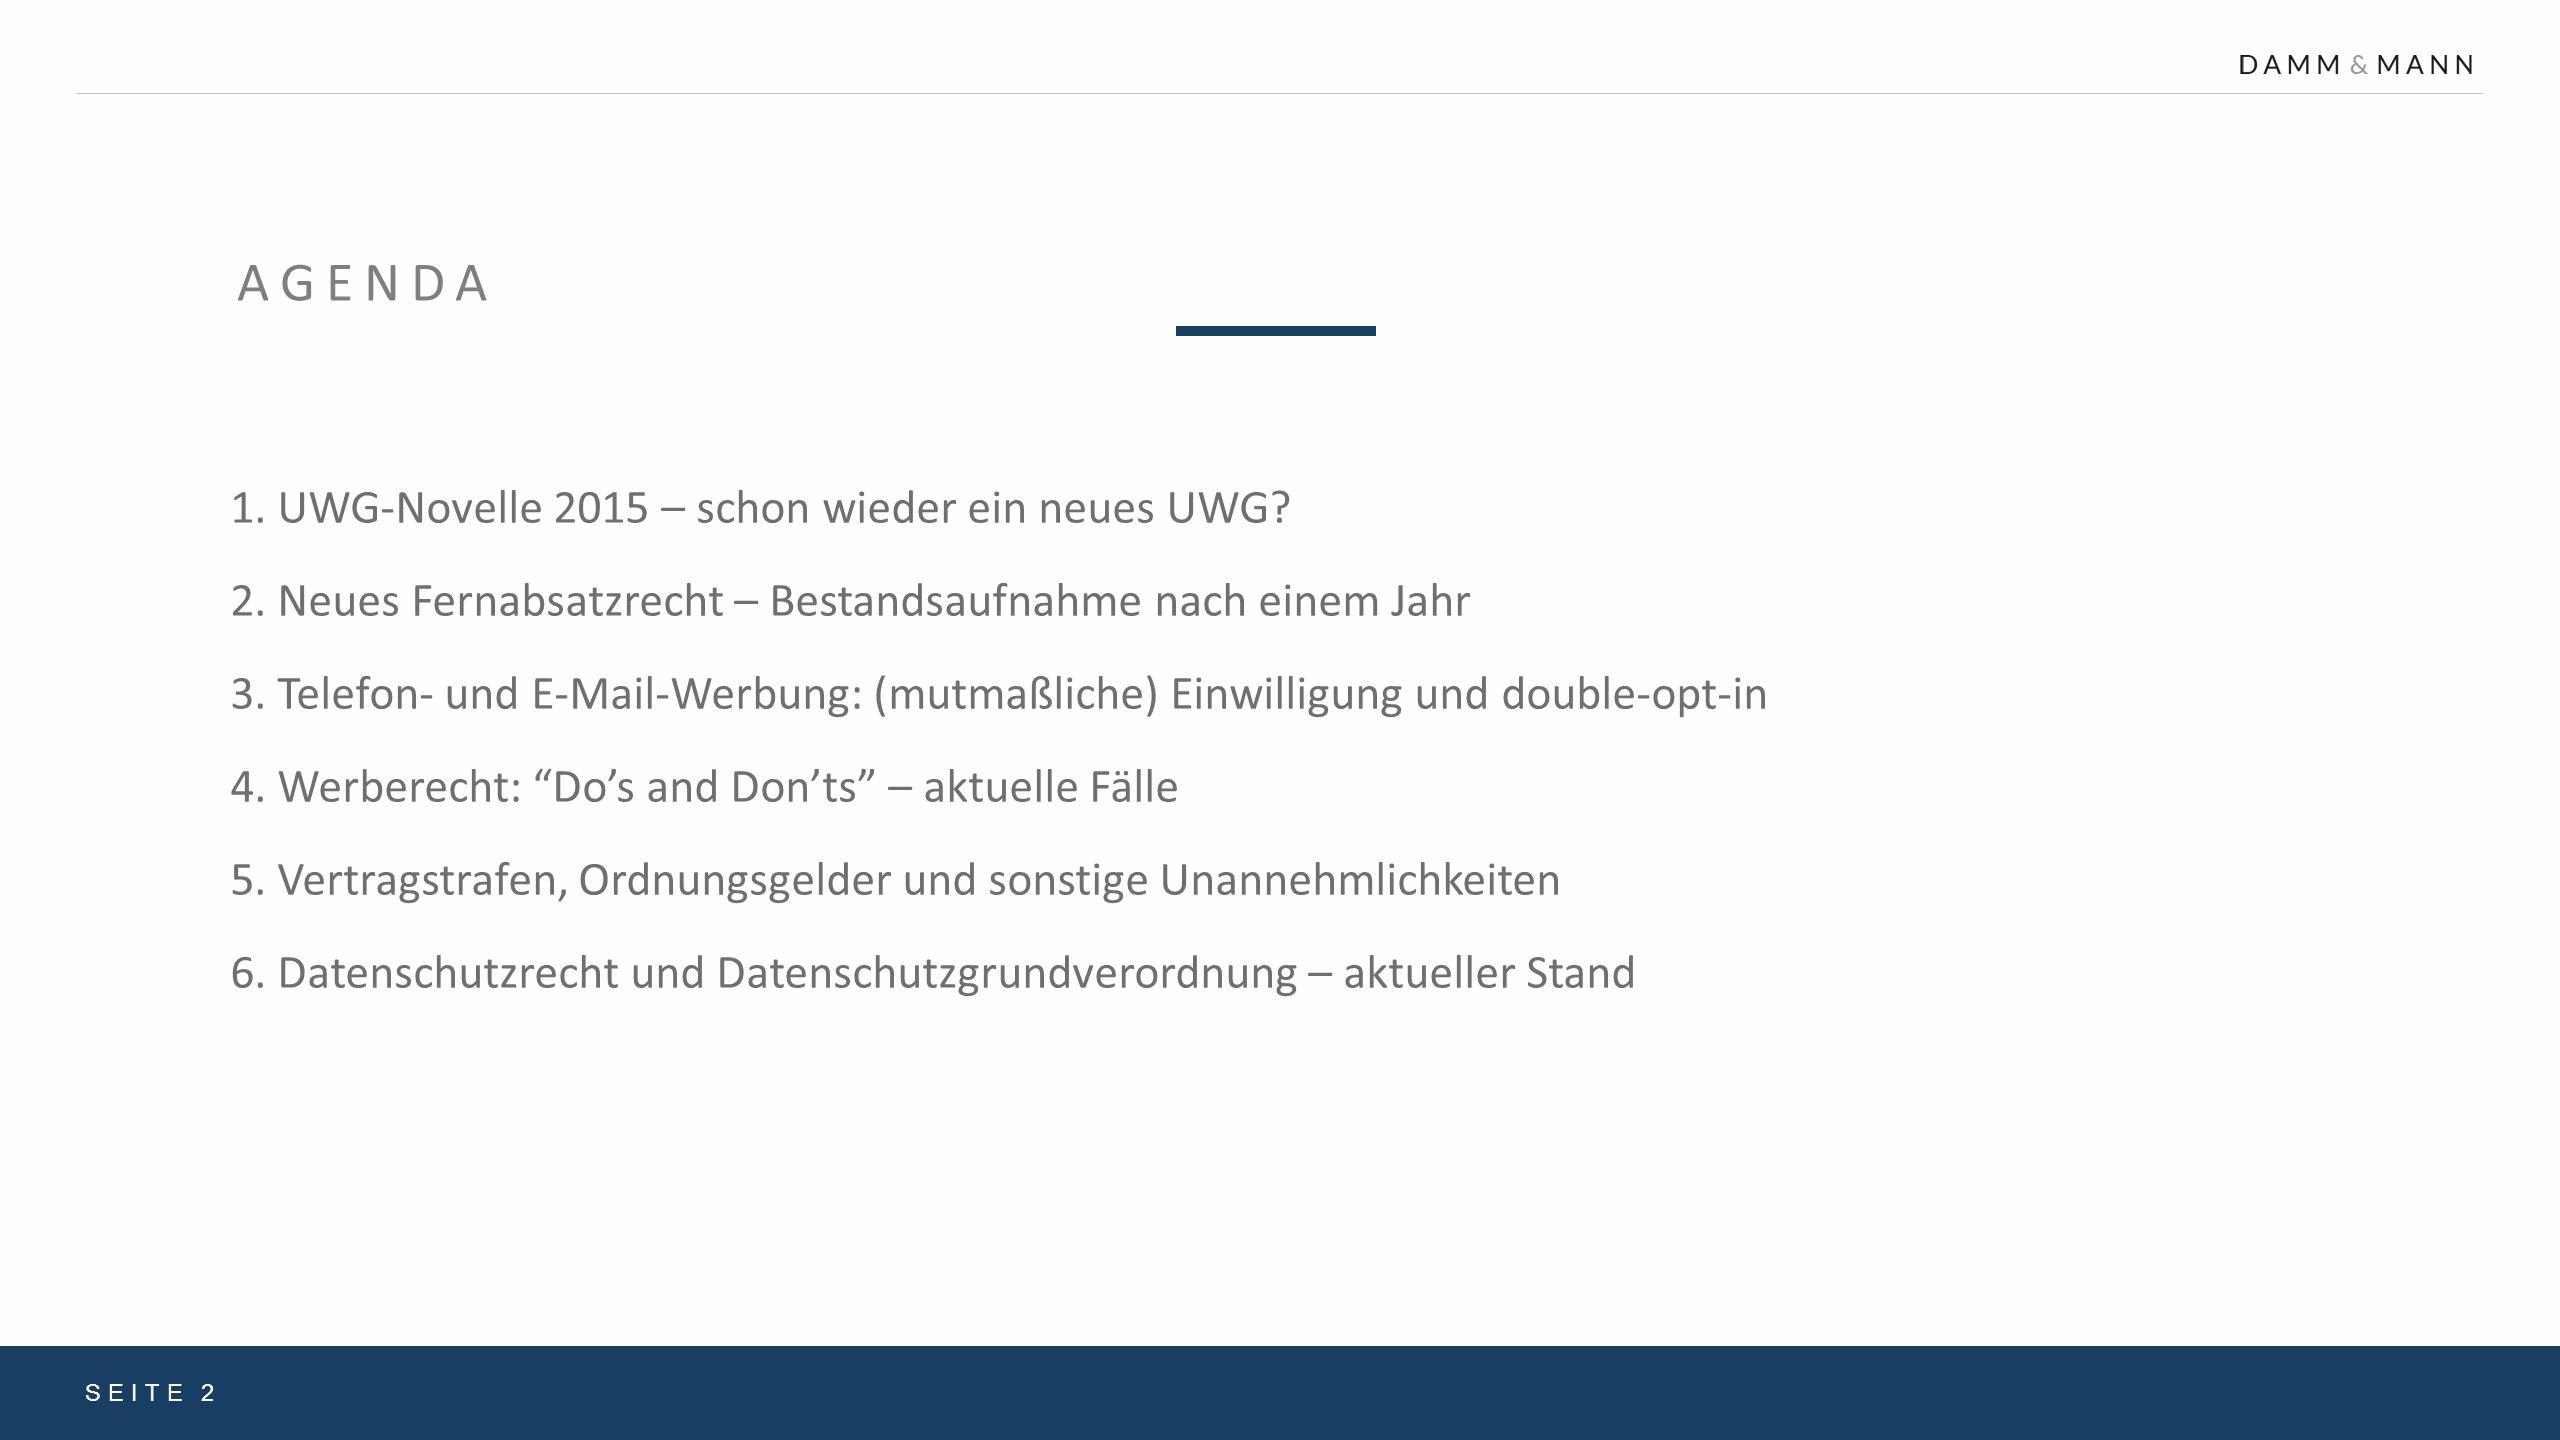 AGENDA 1. UWG-Novelle 2015 – schon wieder ein neues UWG? 2. Neues Fernabsatzrecht – Bestandsaufnahme nach einem Jahr 3. Telefon- und E-Mail-Werbung: (